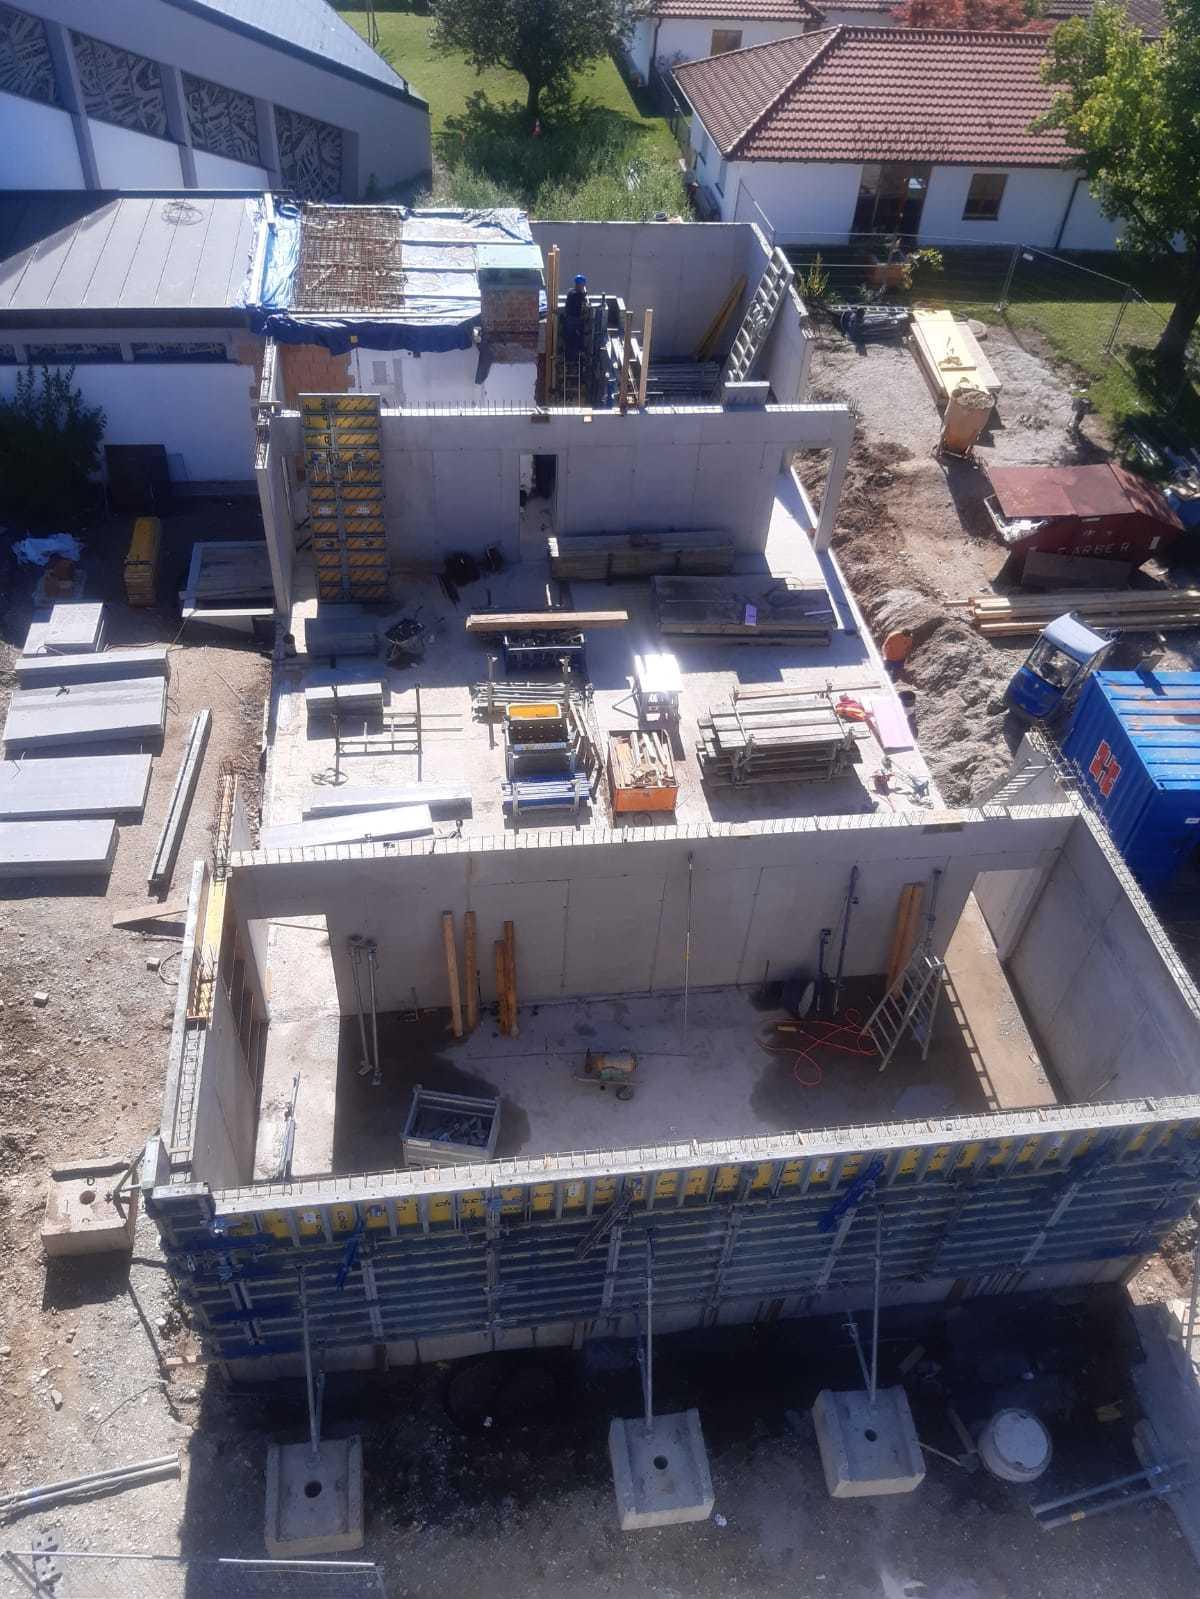 ZULF Punkt2021 09 September 03 Luftaufnahme 1